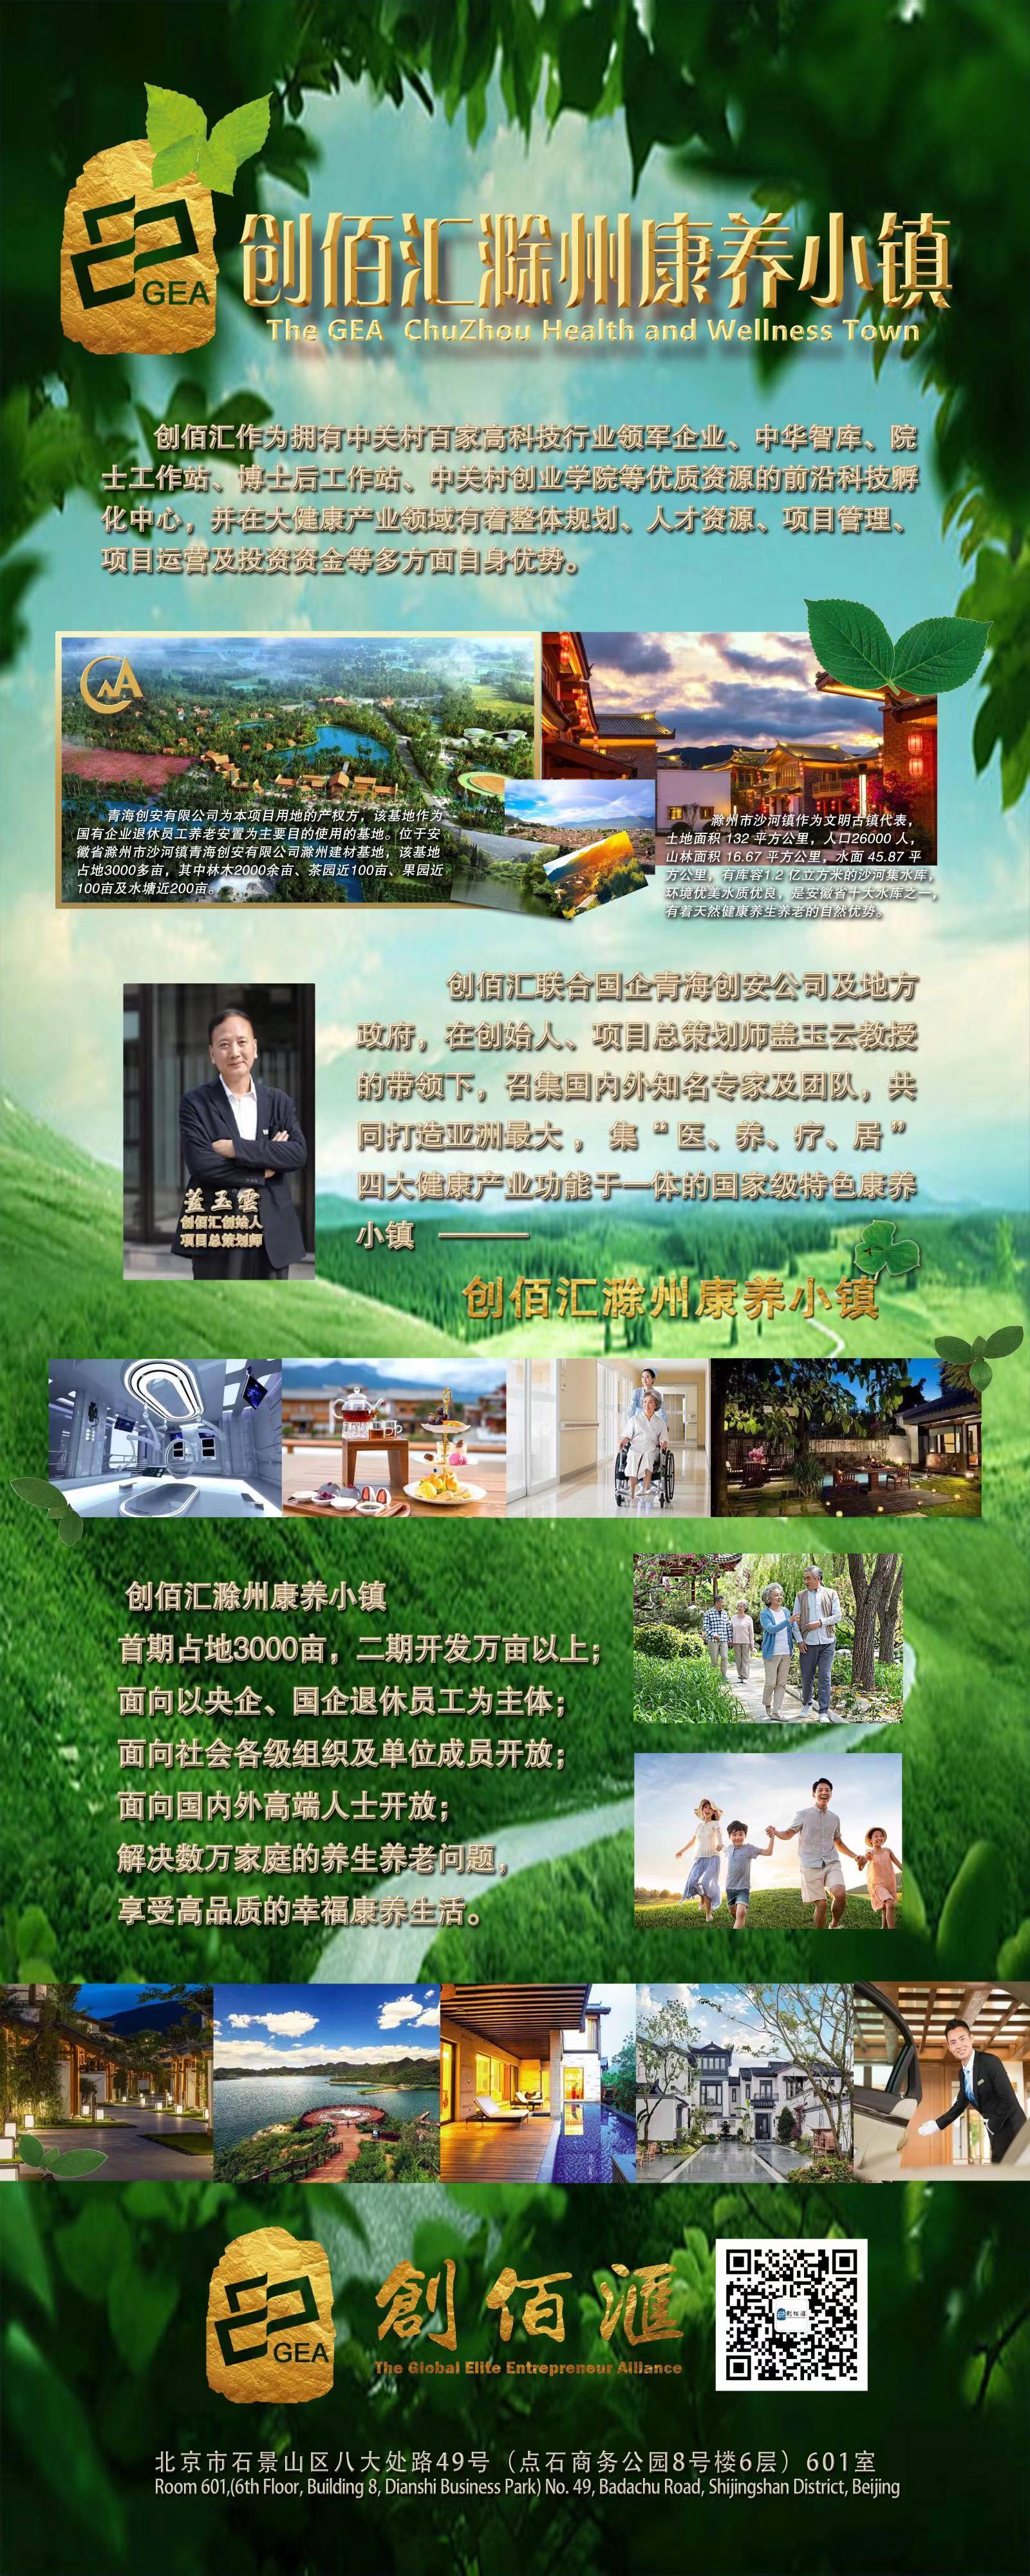 企业-滁州康养小镇-微信图片_20191209204150